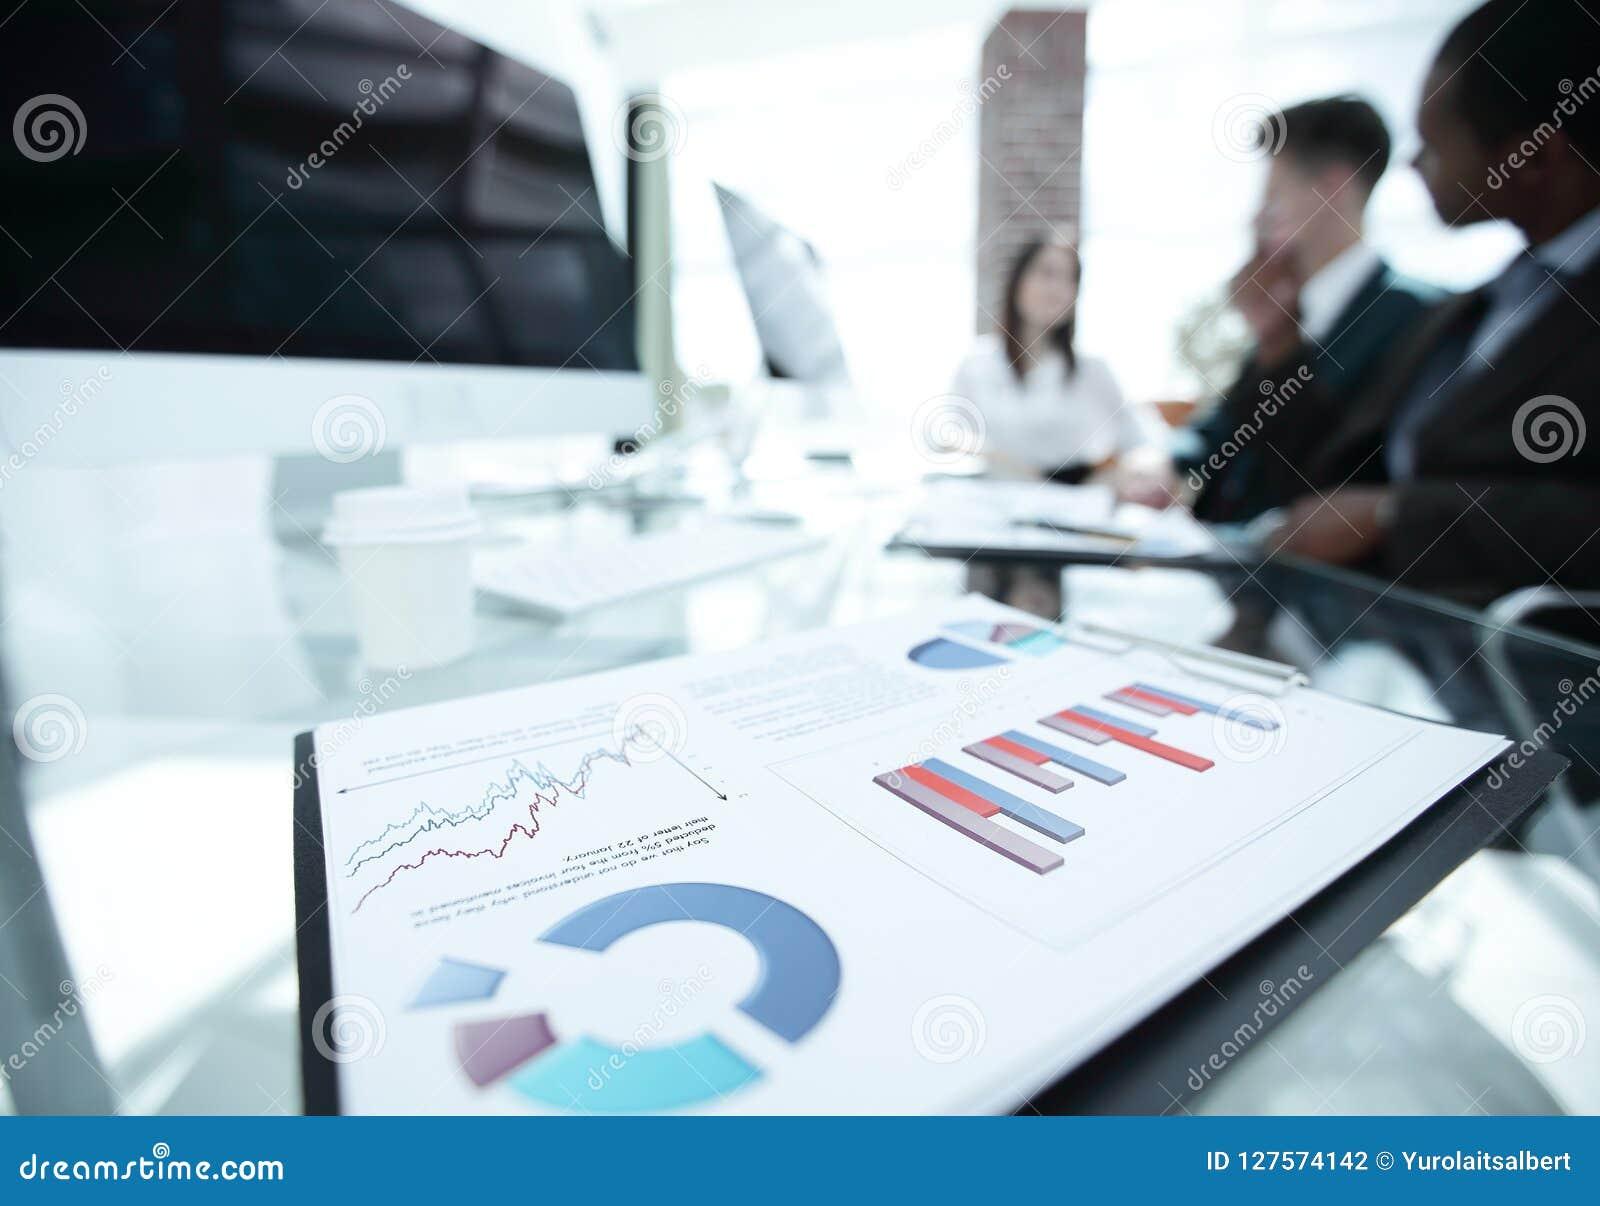 Close-up financiële grafieken op het Bureau van het commerciële team